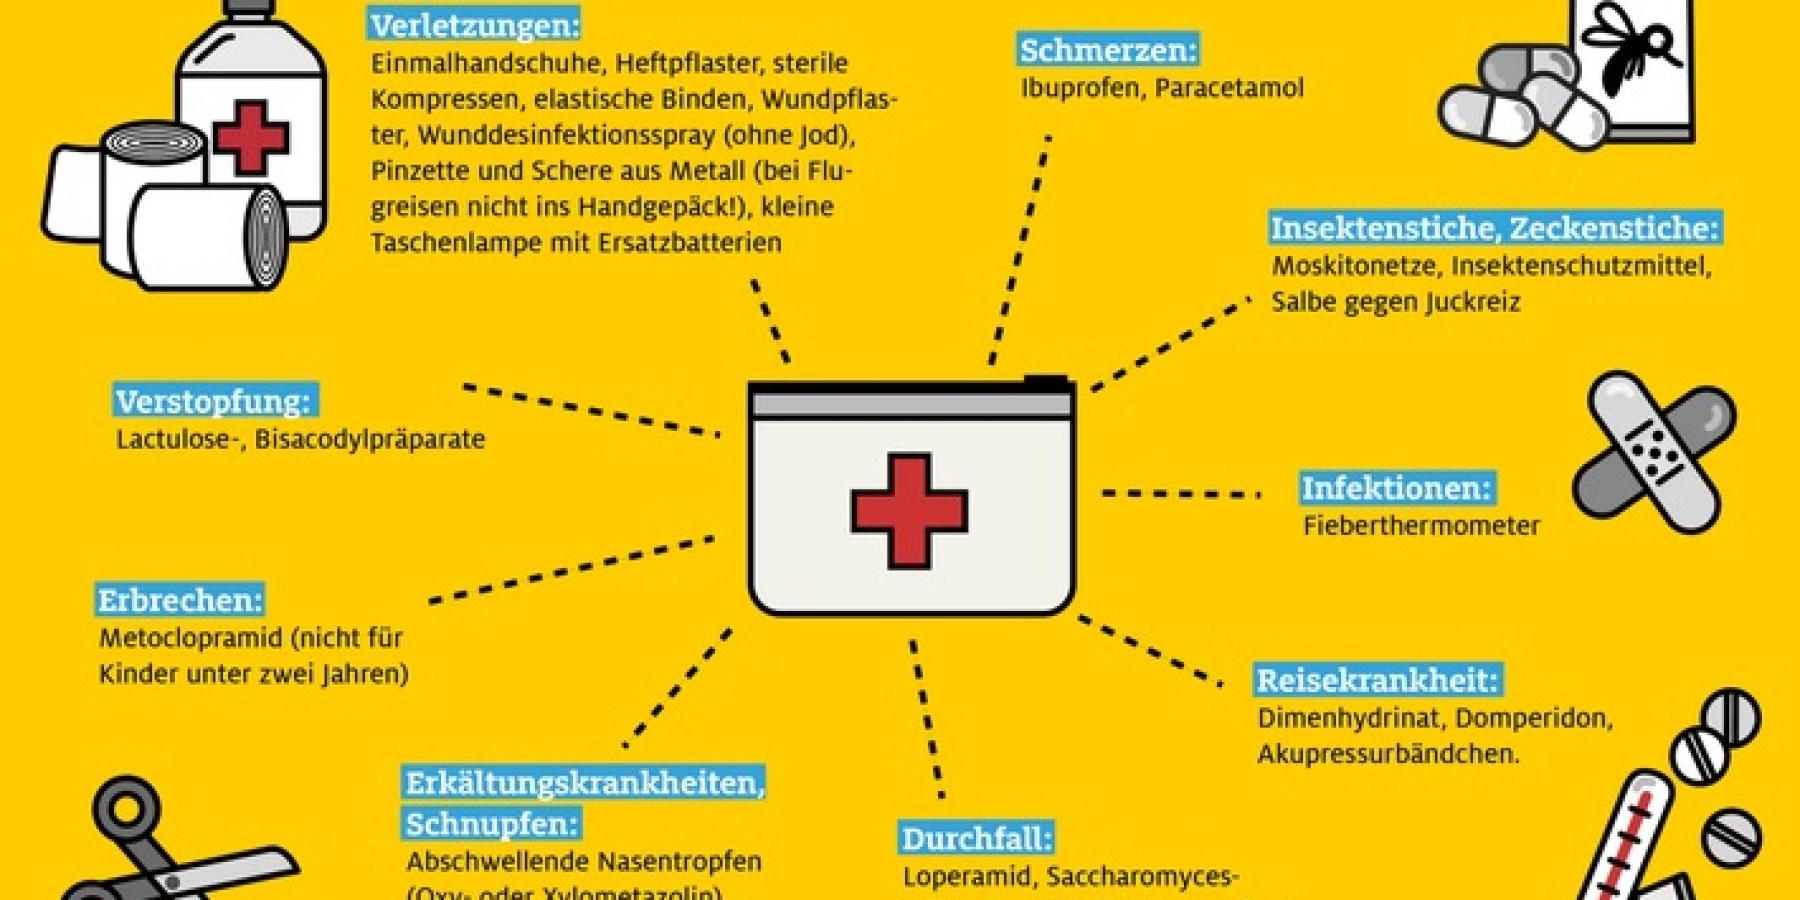 ADAC Ambulanz-Service: Tipps zur perfekten Reise-Apotheke für den Urlaub in Deutschland